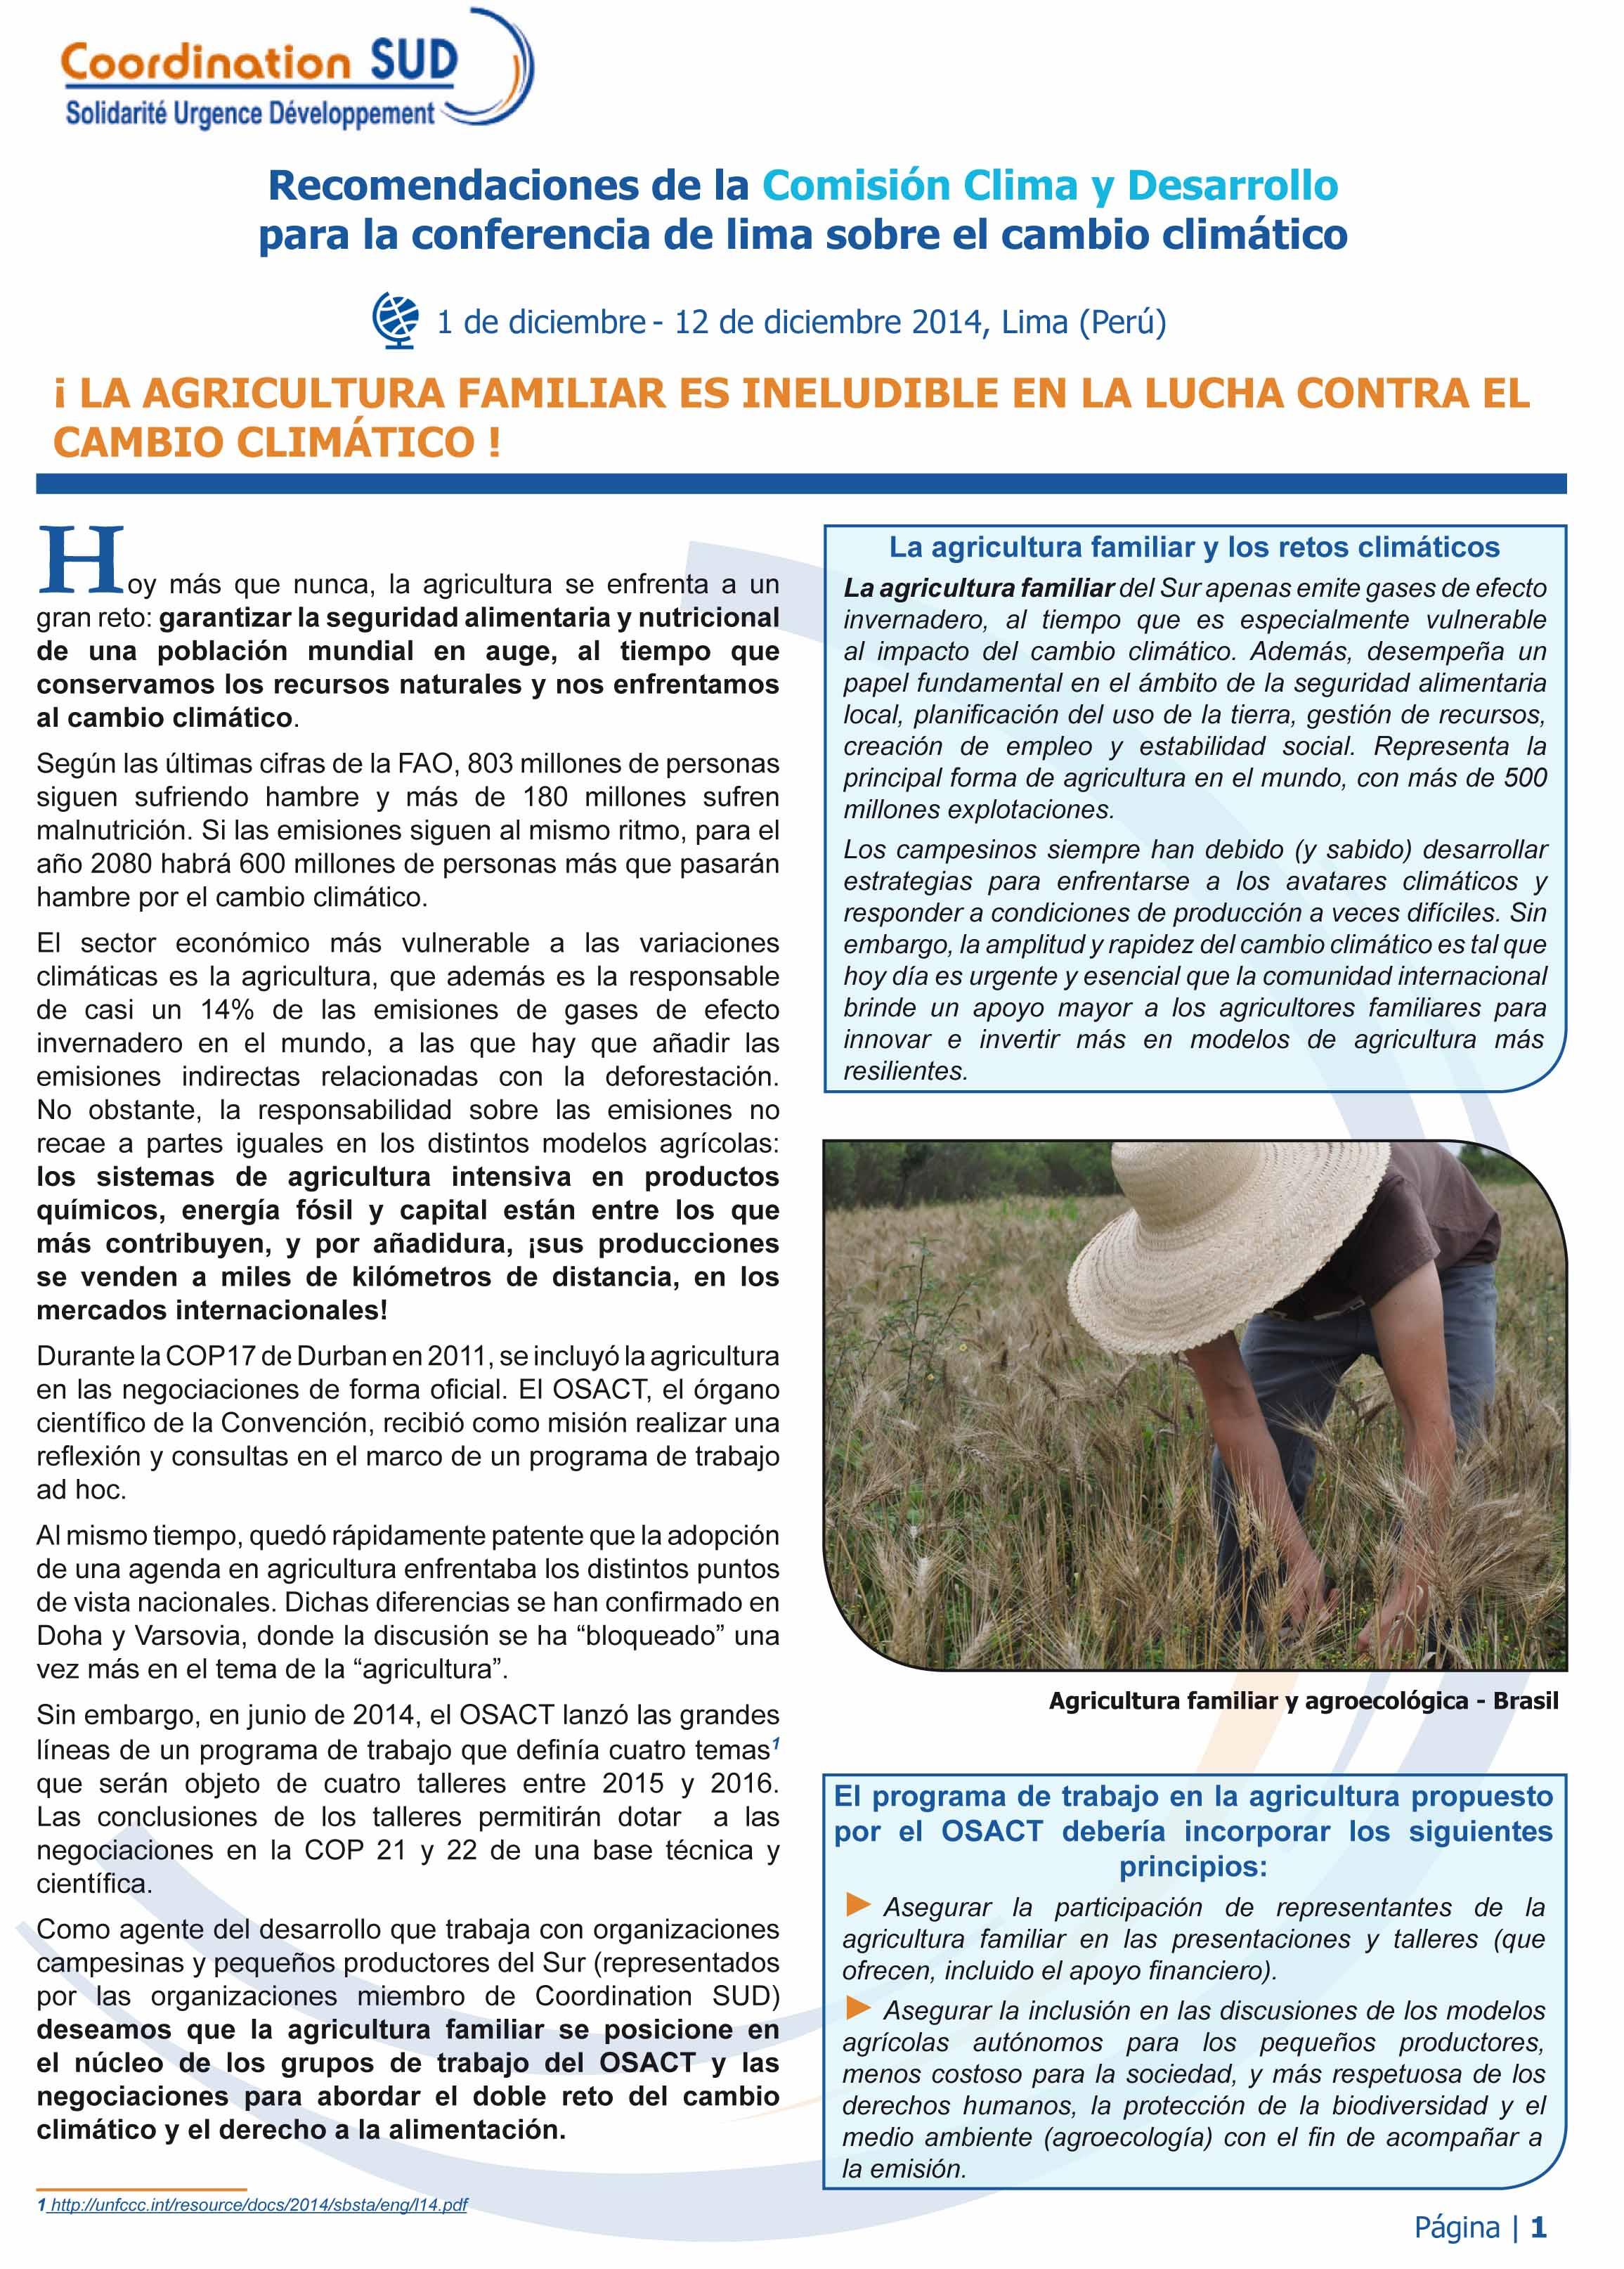 ¡ La agricultura familiar es ineludible en la lucha contre el cambio climático!  Image principale